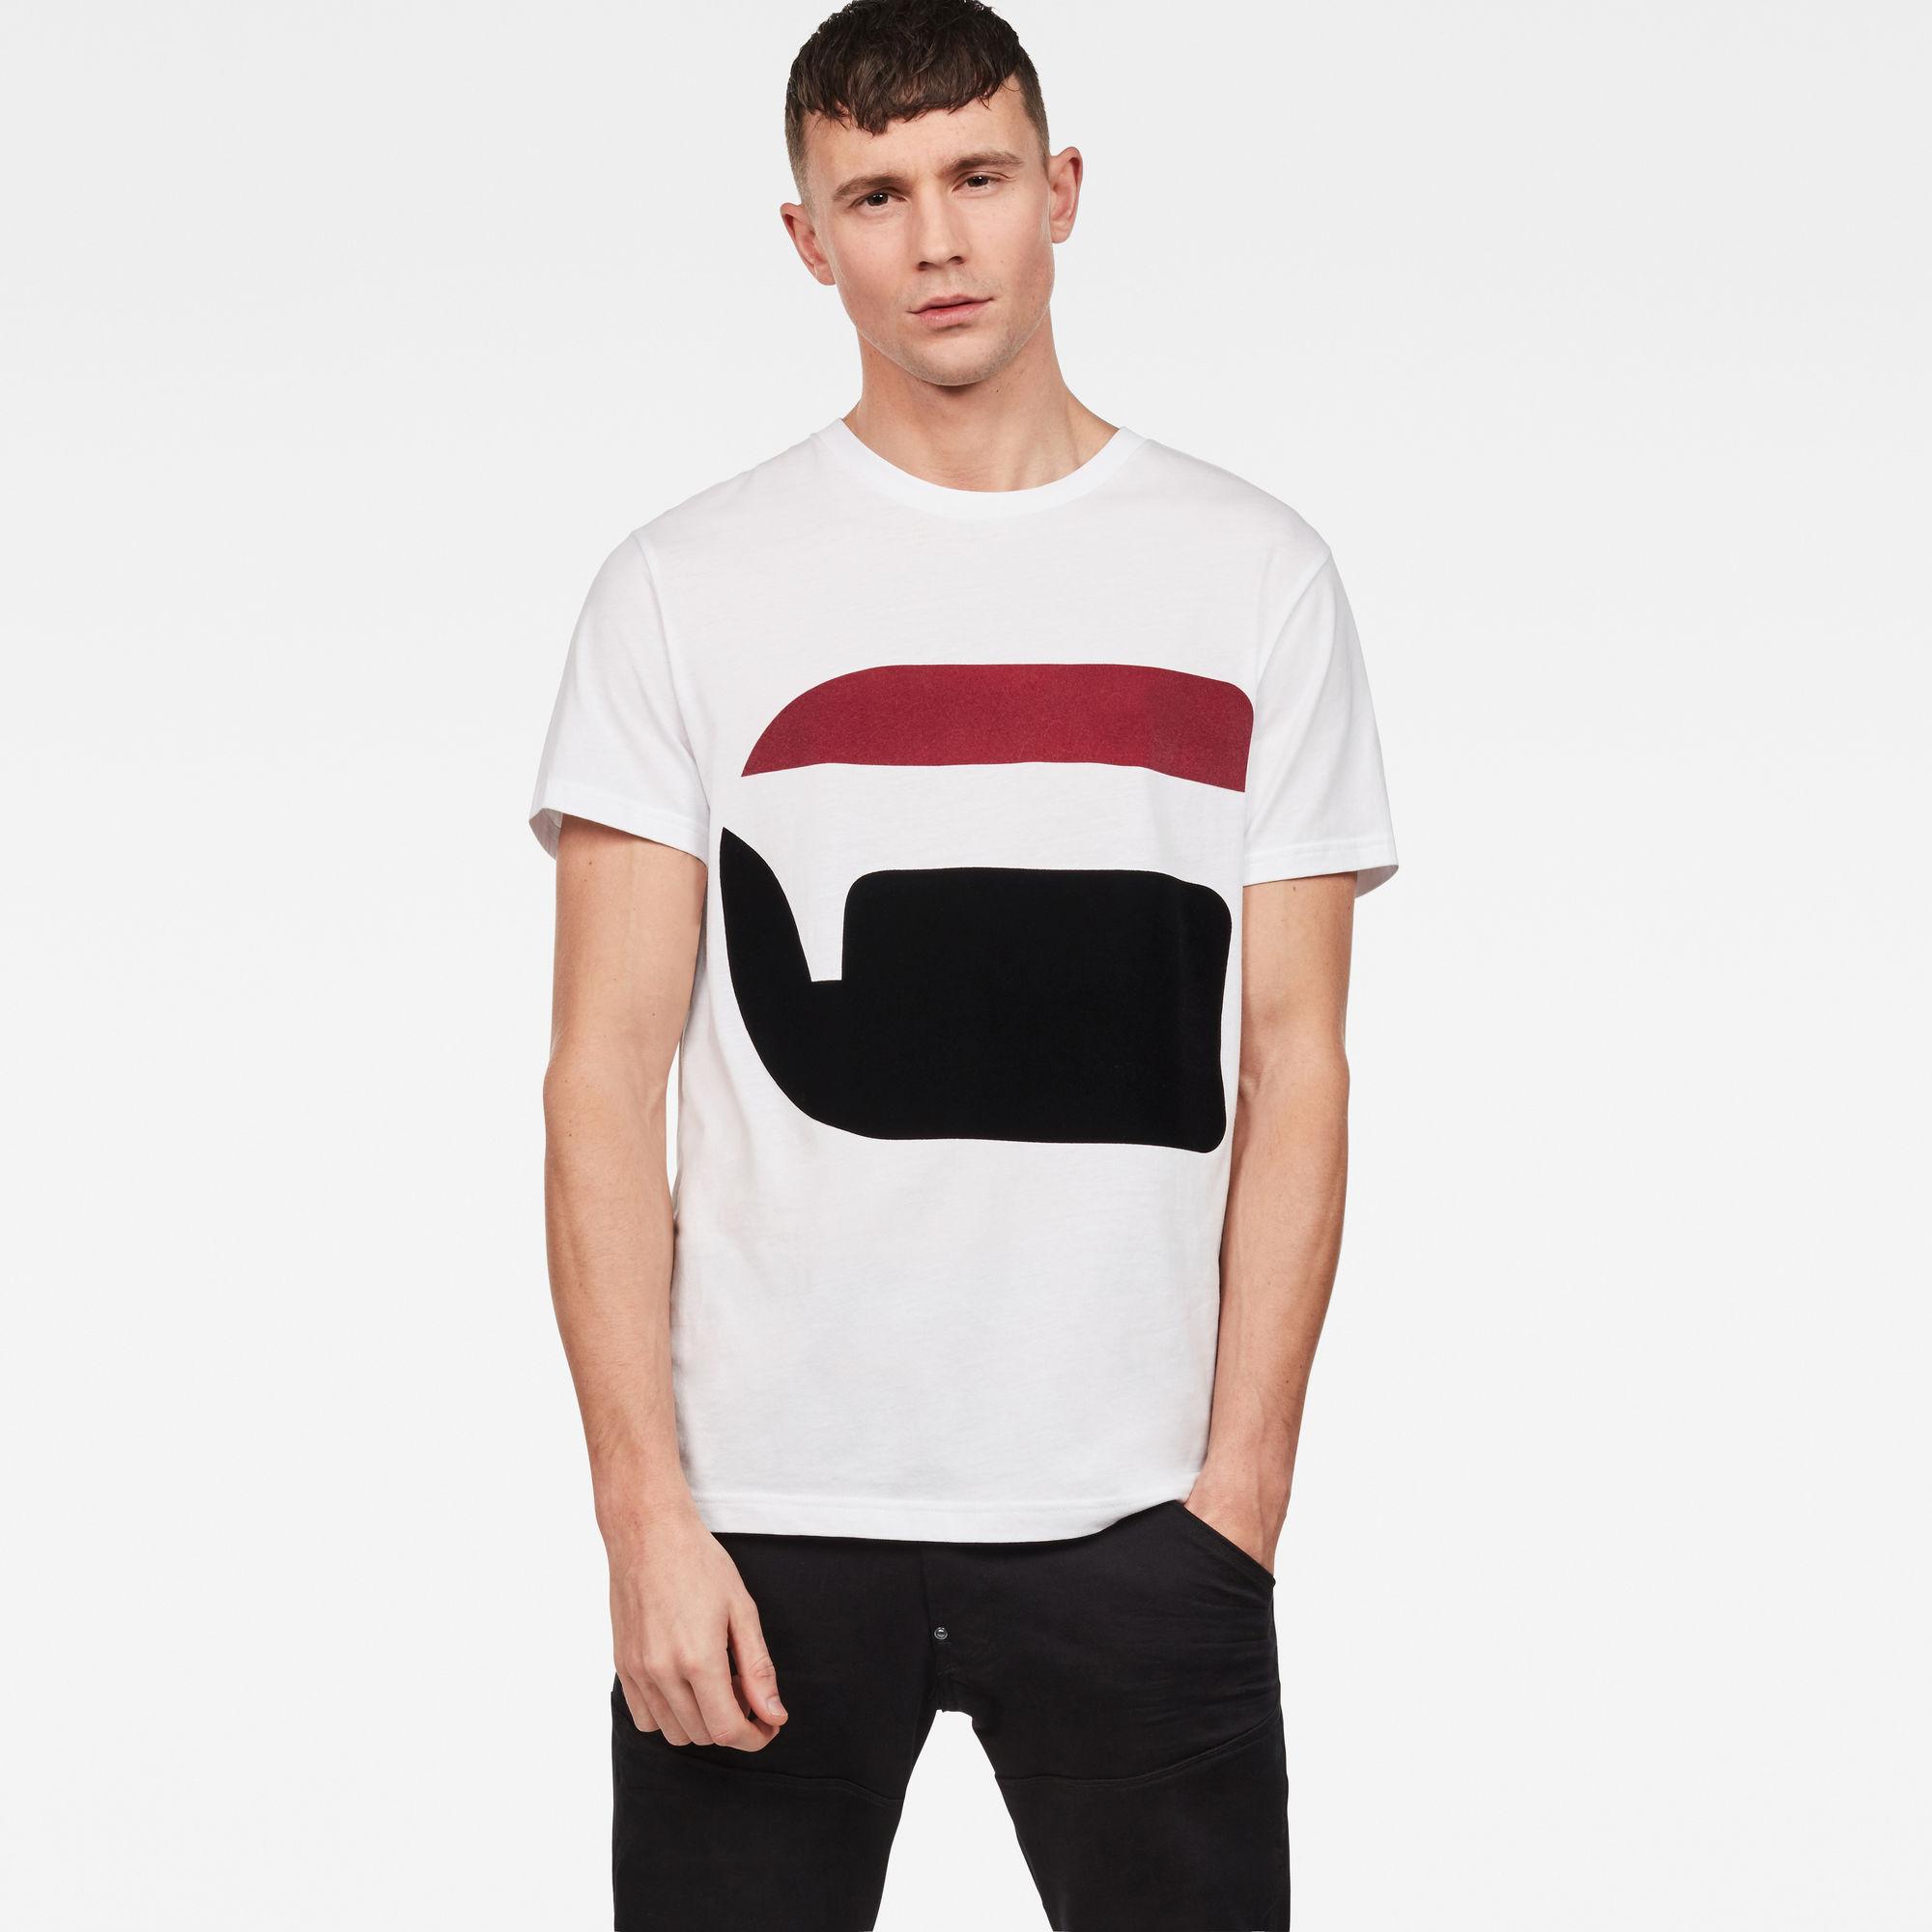 Image of G Star Raw Bett T-Shirt